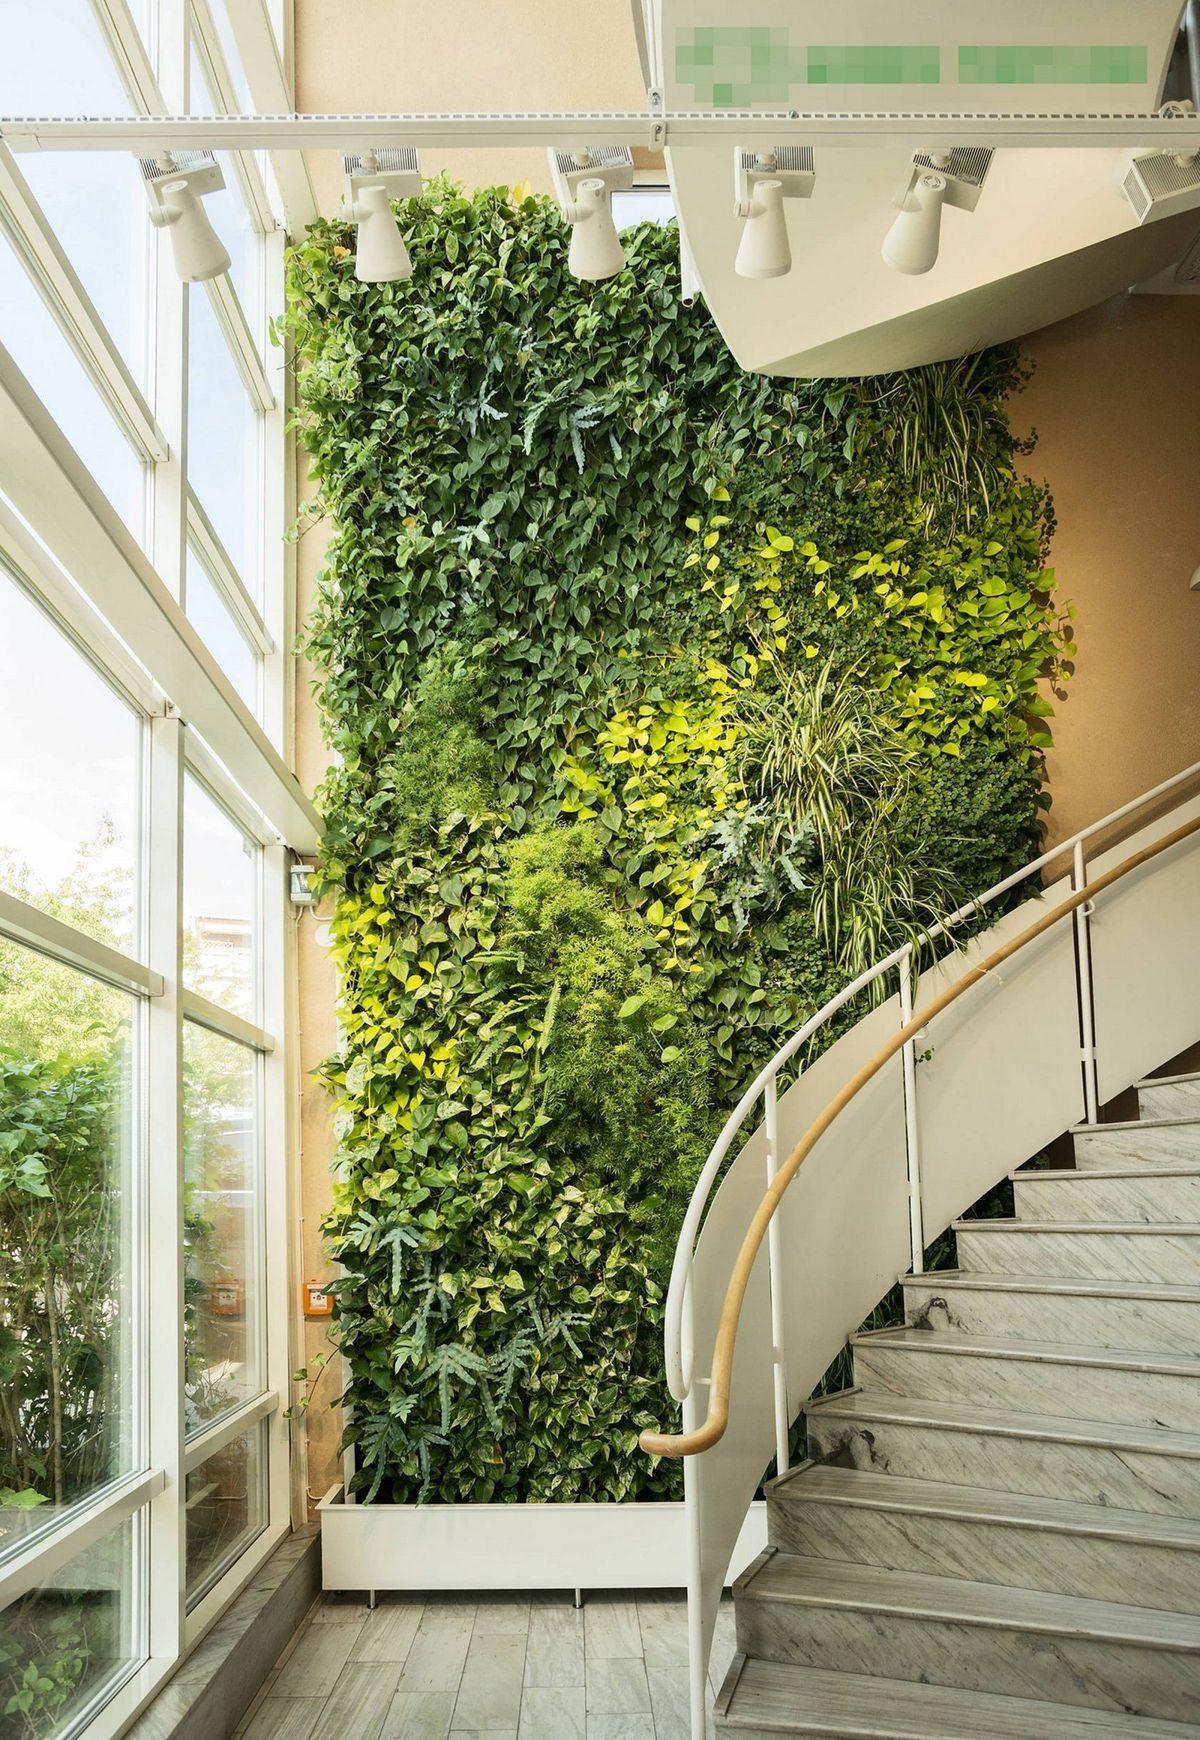 Jardin Mural Ajoutez Du Vert Dans Le Siege Social In 2020 Vertical Garden Indoor Vertical Garden Design Vertical Garden